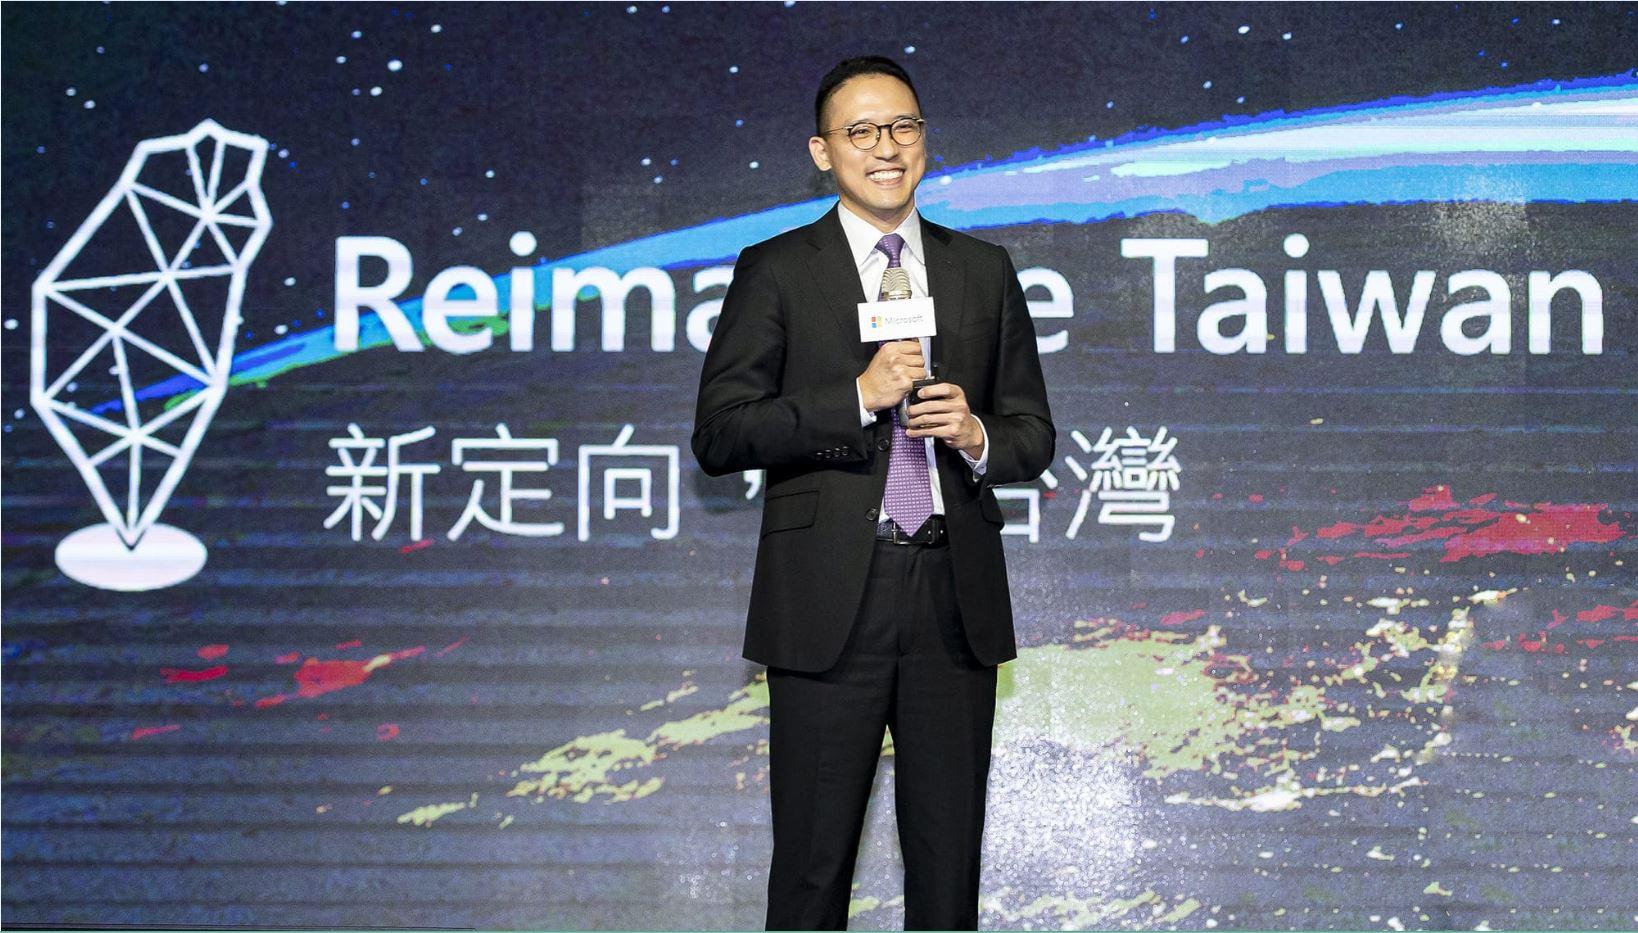 加碼投資!微軟雲服務足跡落地台灣 打造台灣成為「亞洲數位轉型中樞」